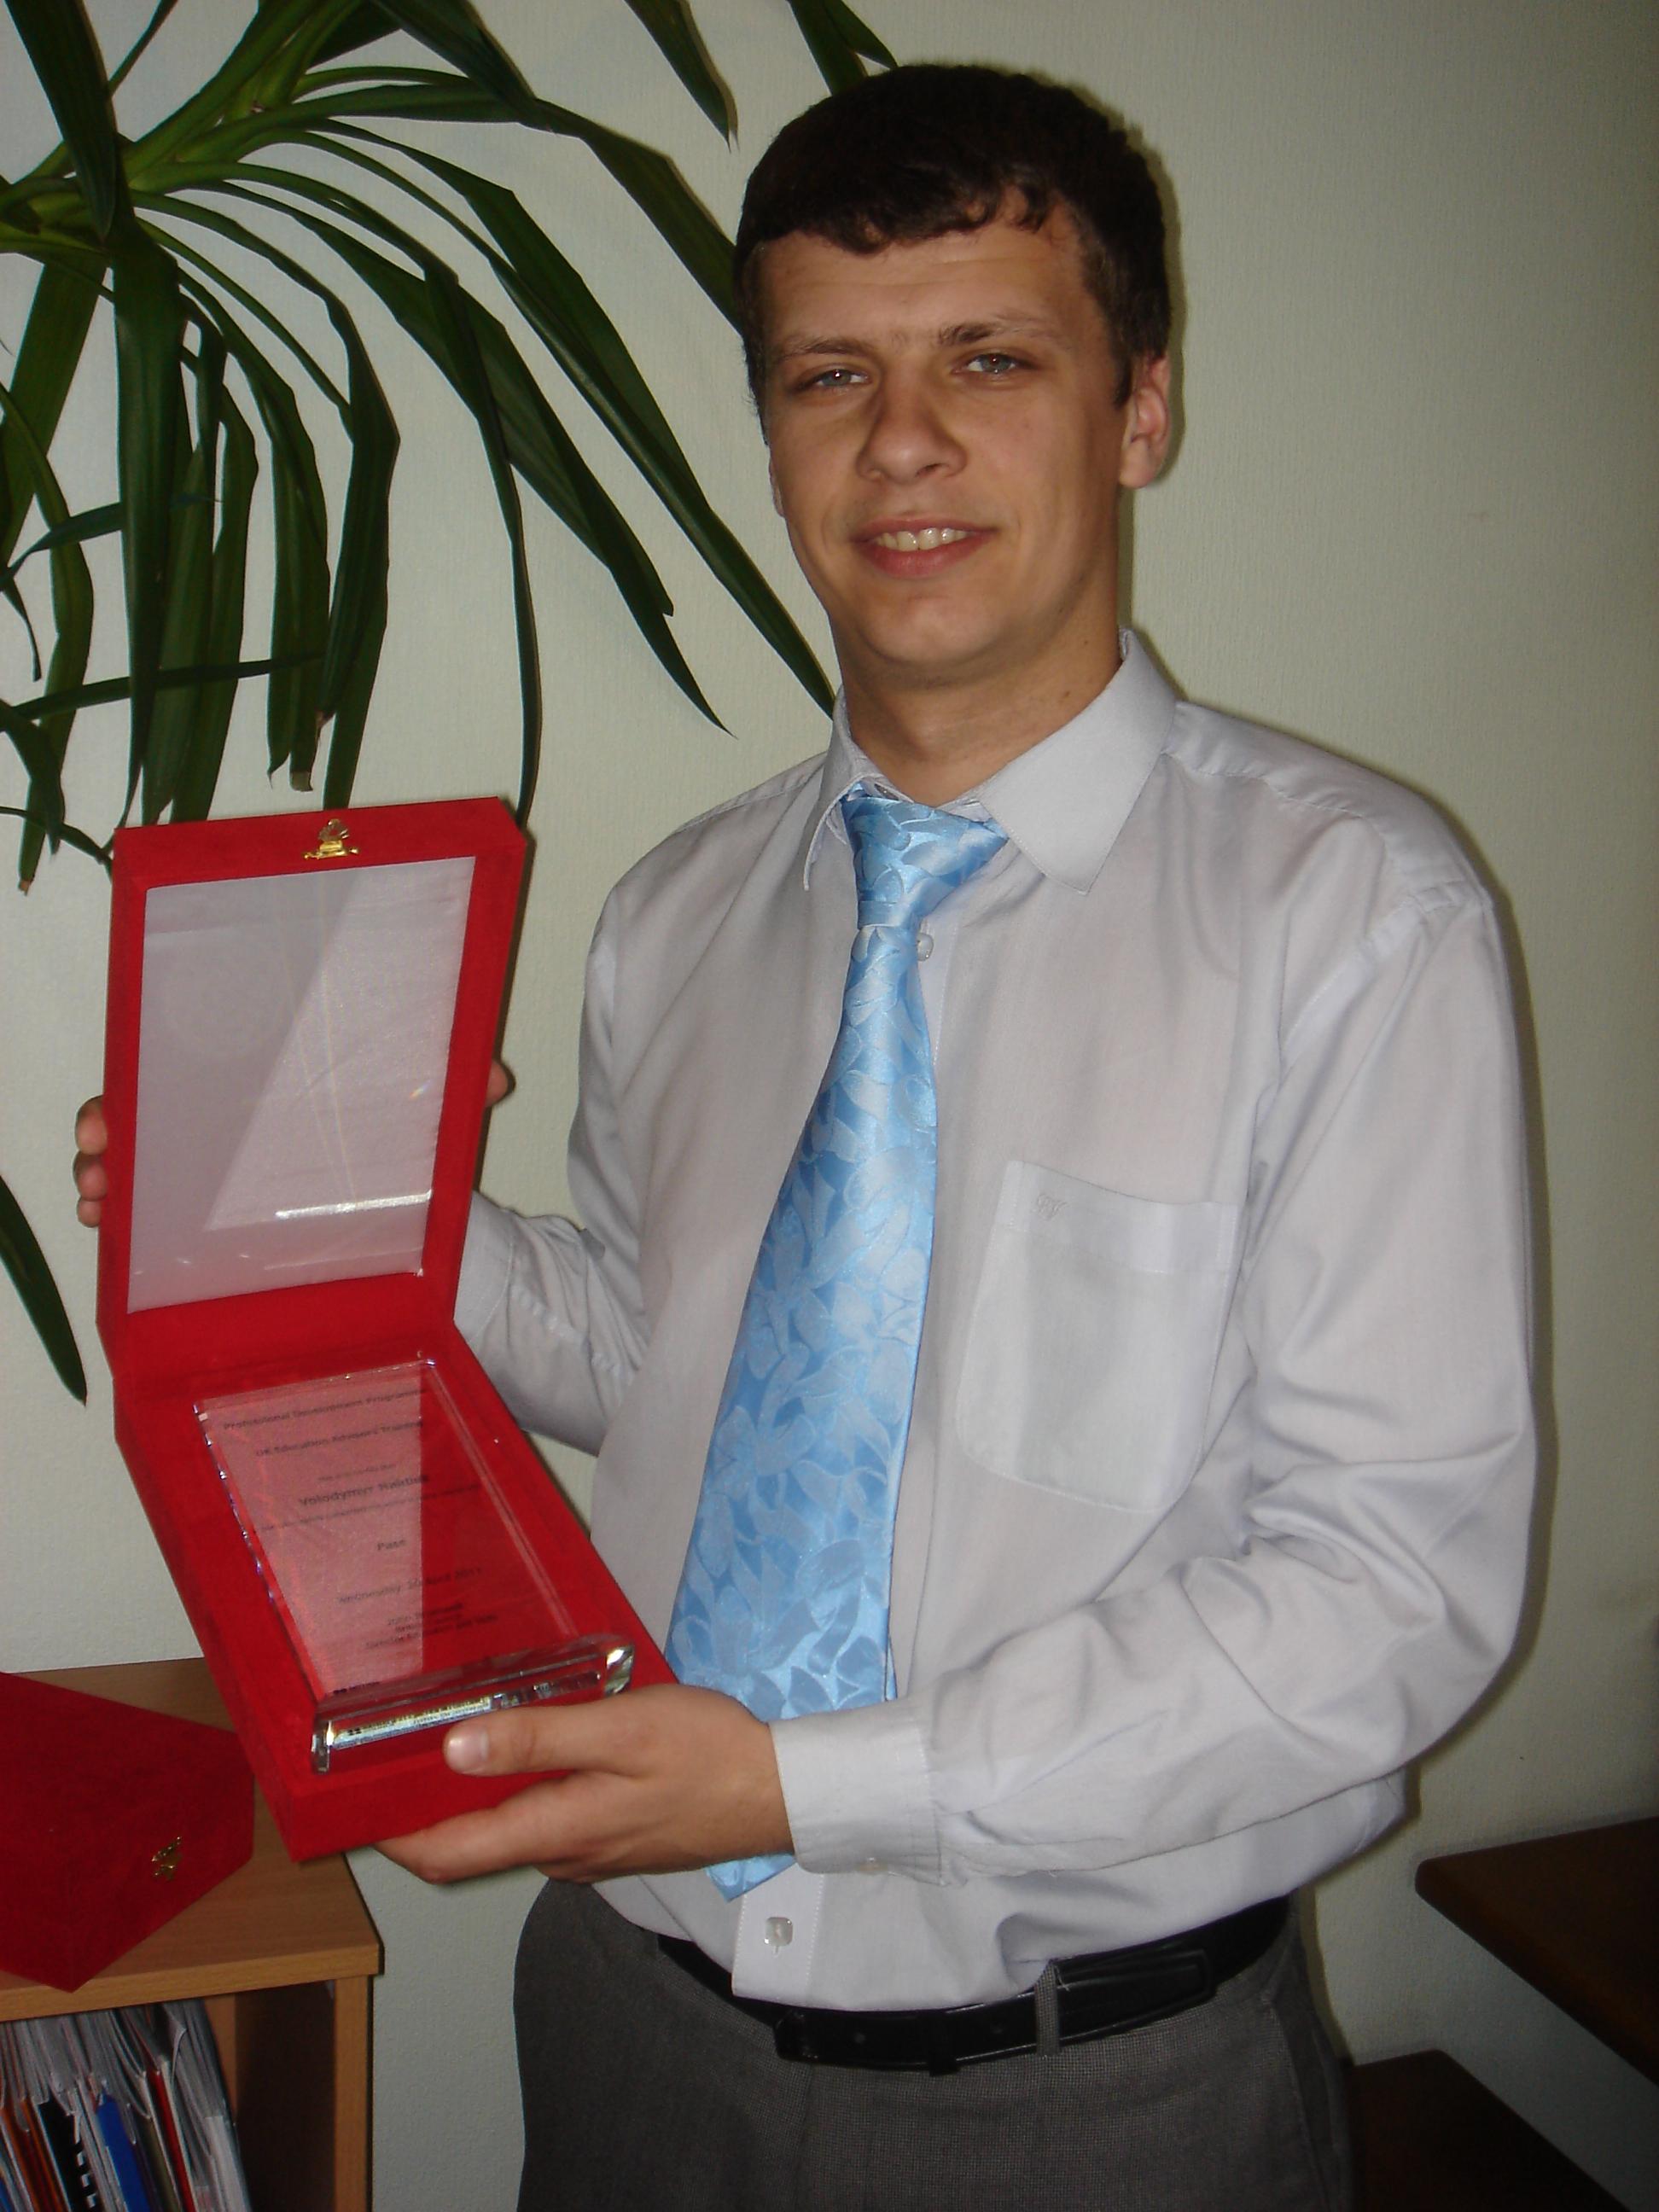 Владимир и его почетная награда